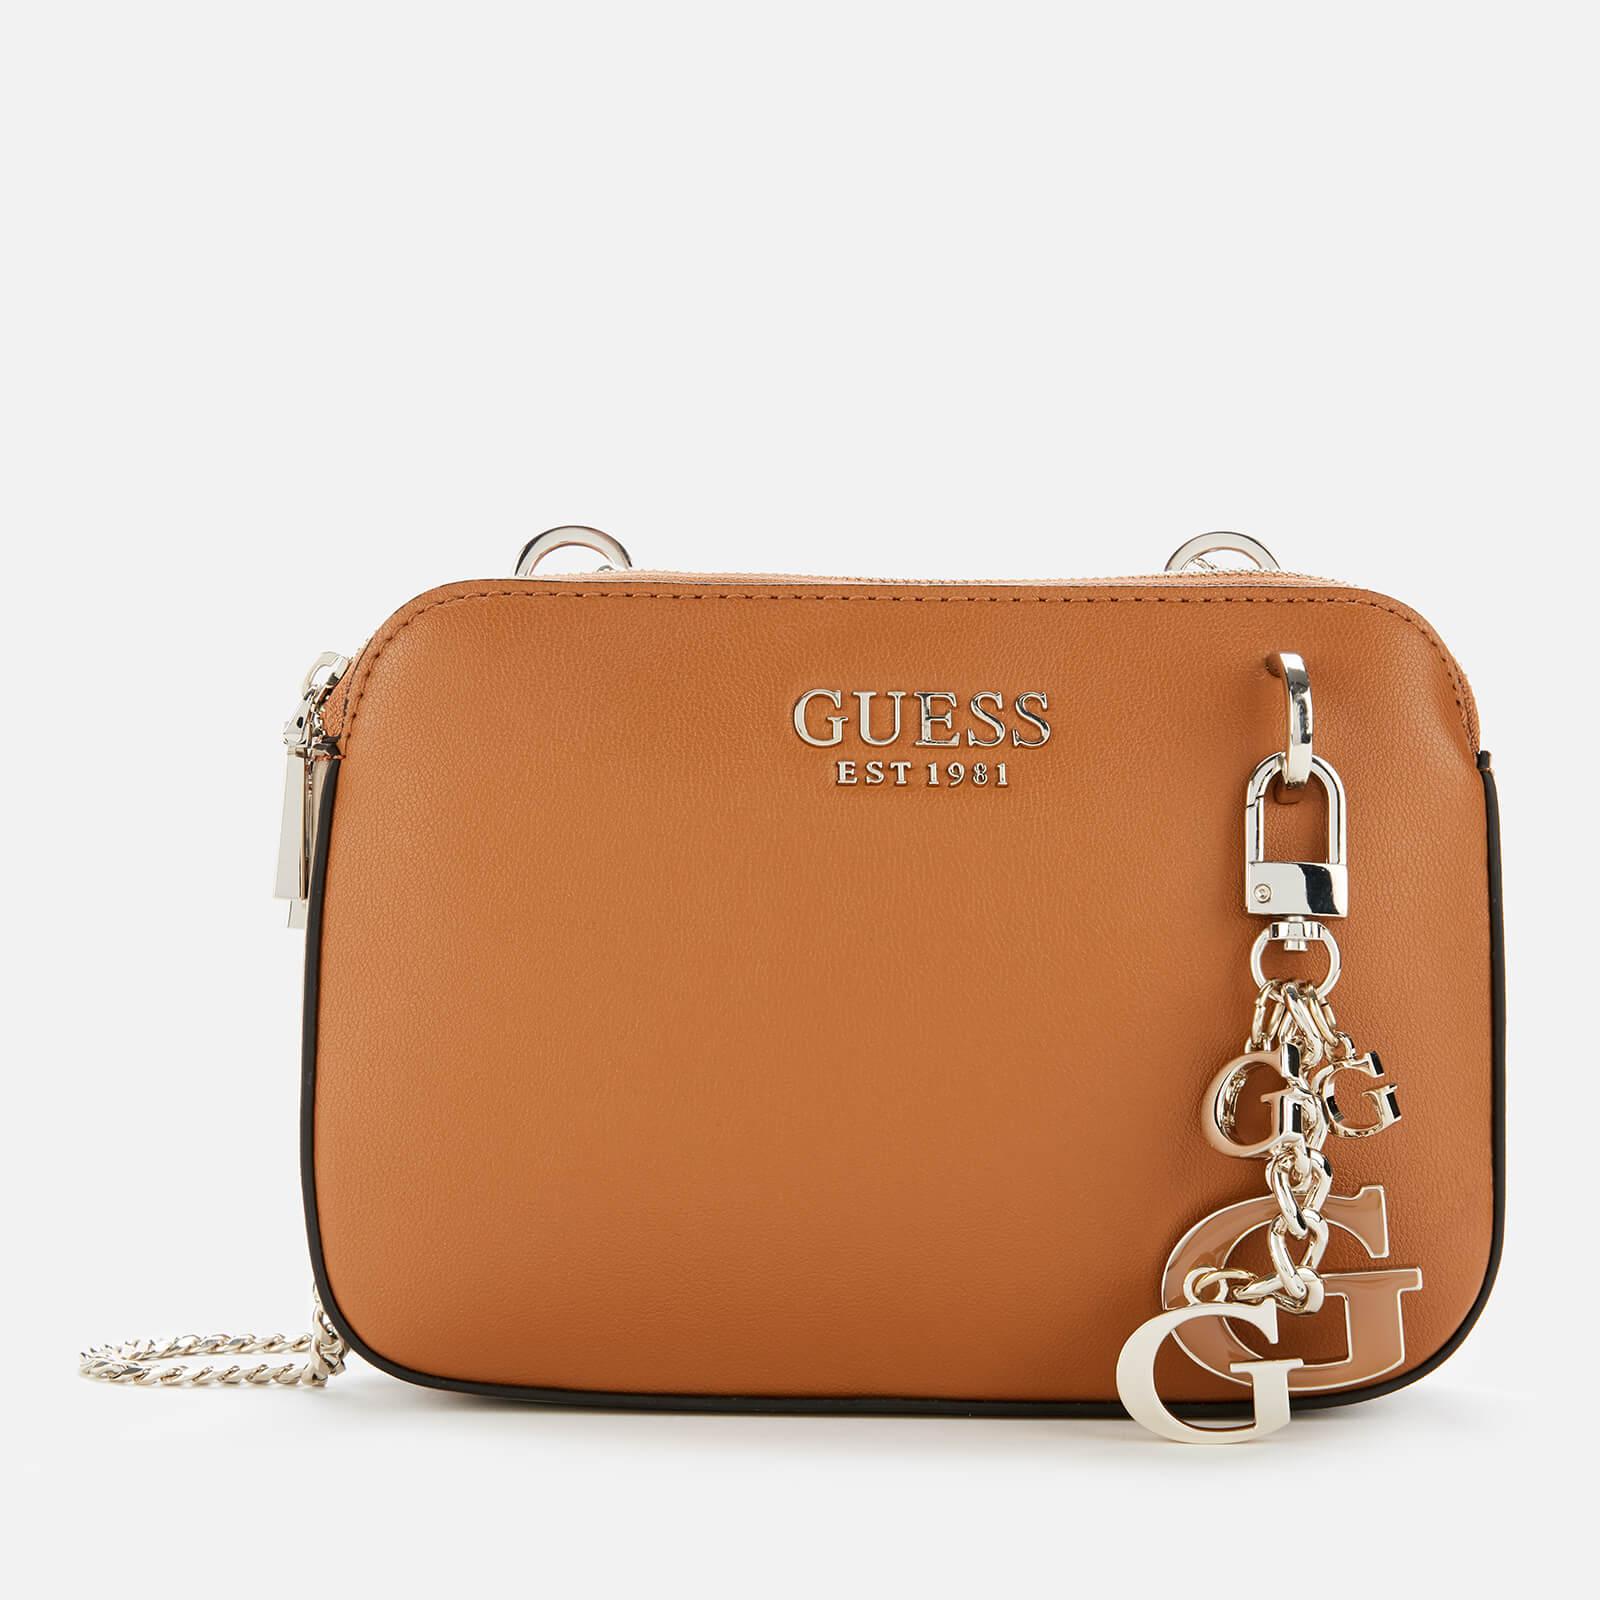 Guess Women's Sherol Convertible Cross Body Bag - Cognac/Multi